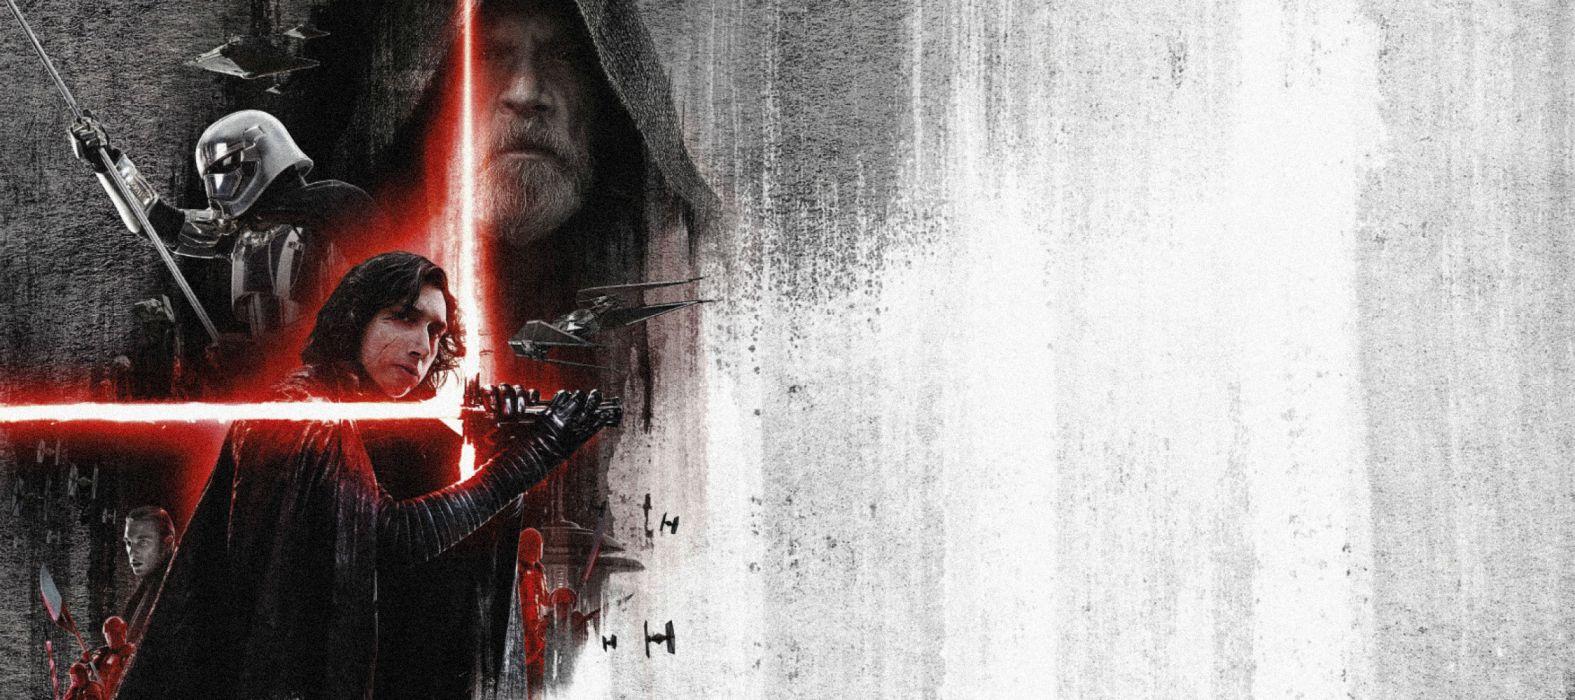 Star Wars Episode Viii Last Jedi 1ste1lj Futuristic Sci Fi Technics Fiction Movie Film 1stlj Wallpaper 2430x1080 1166078 Wallpaperup